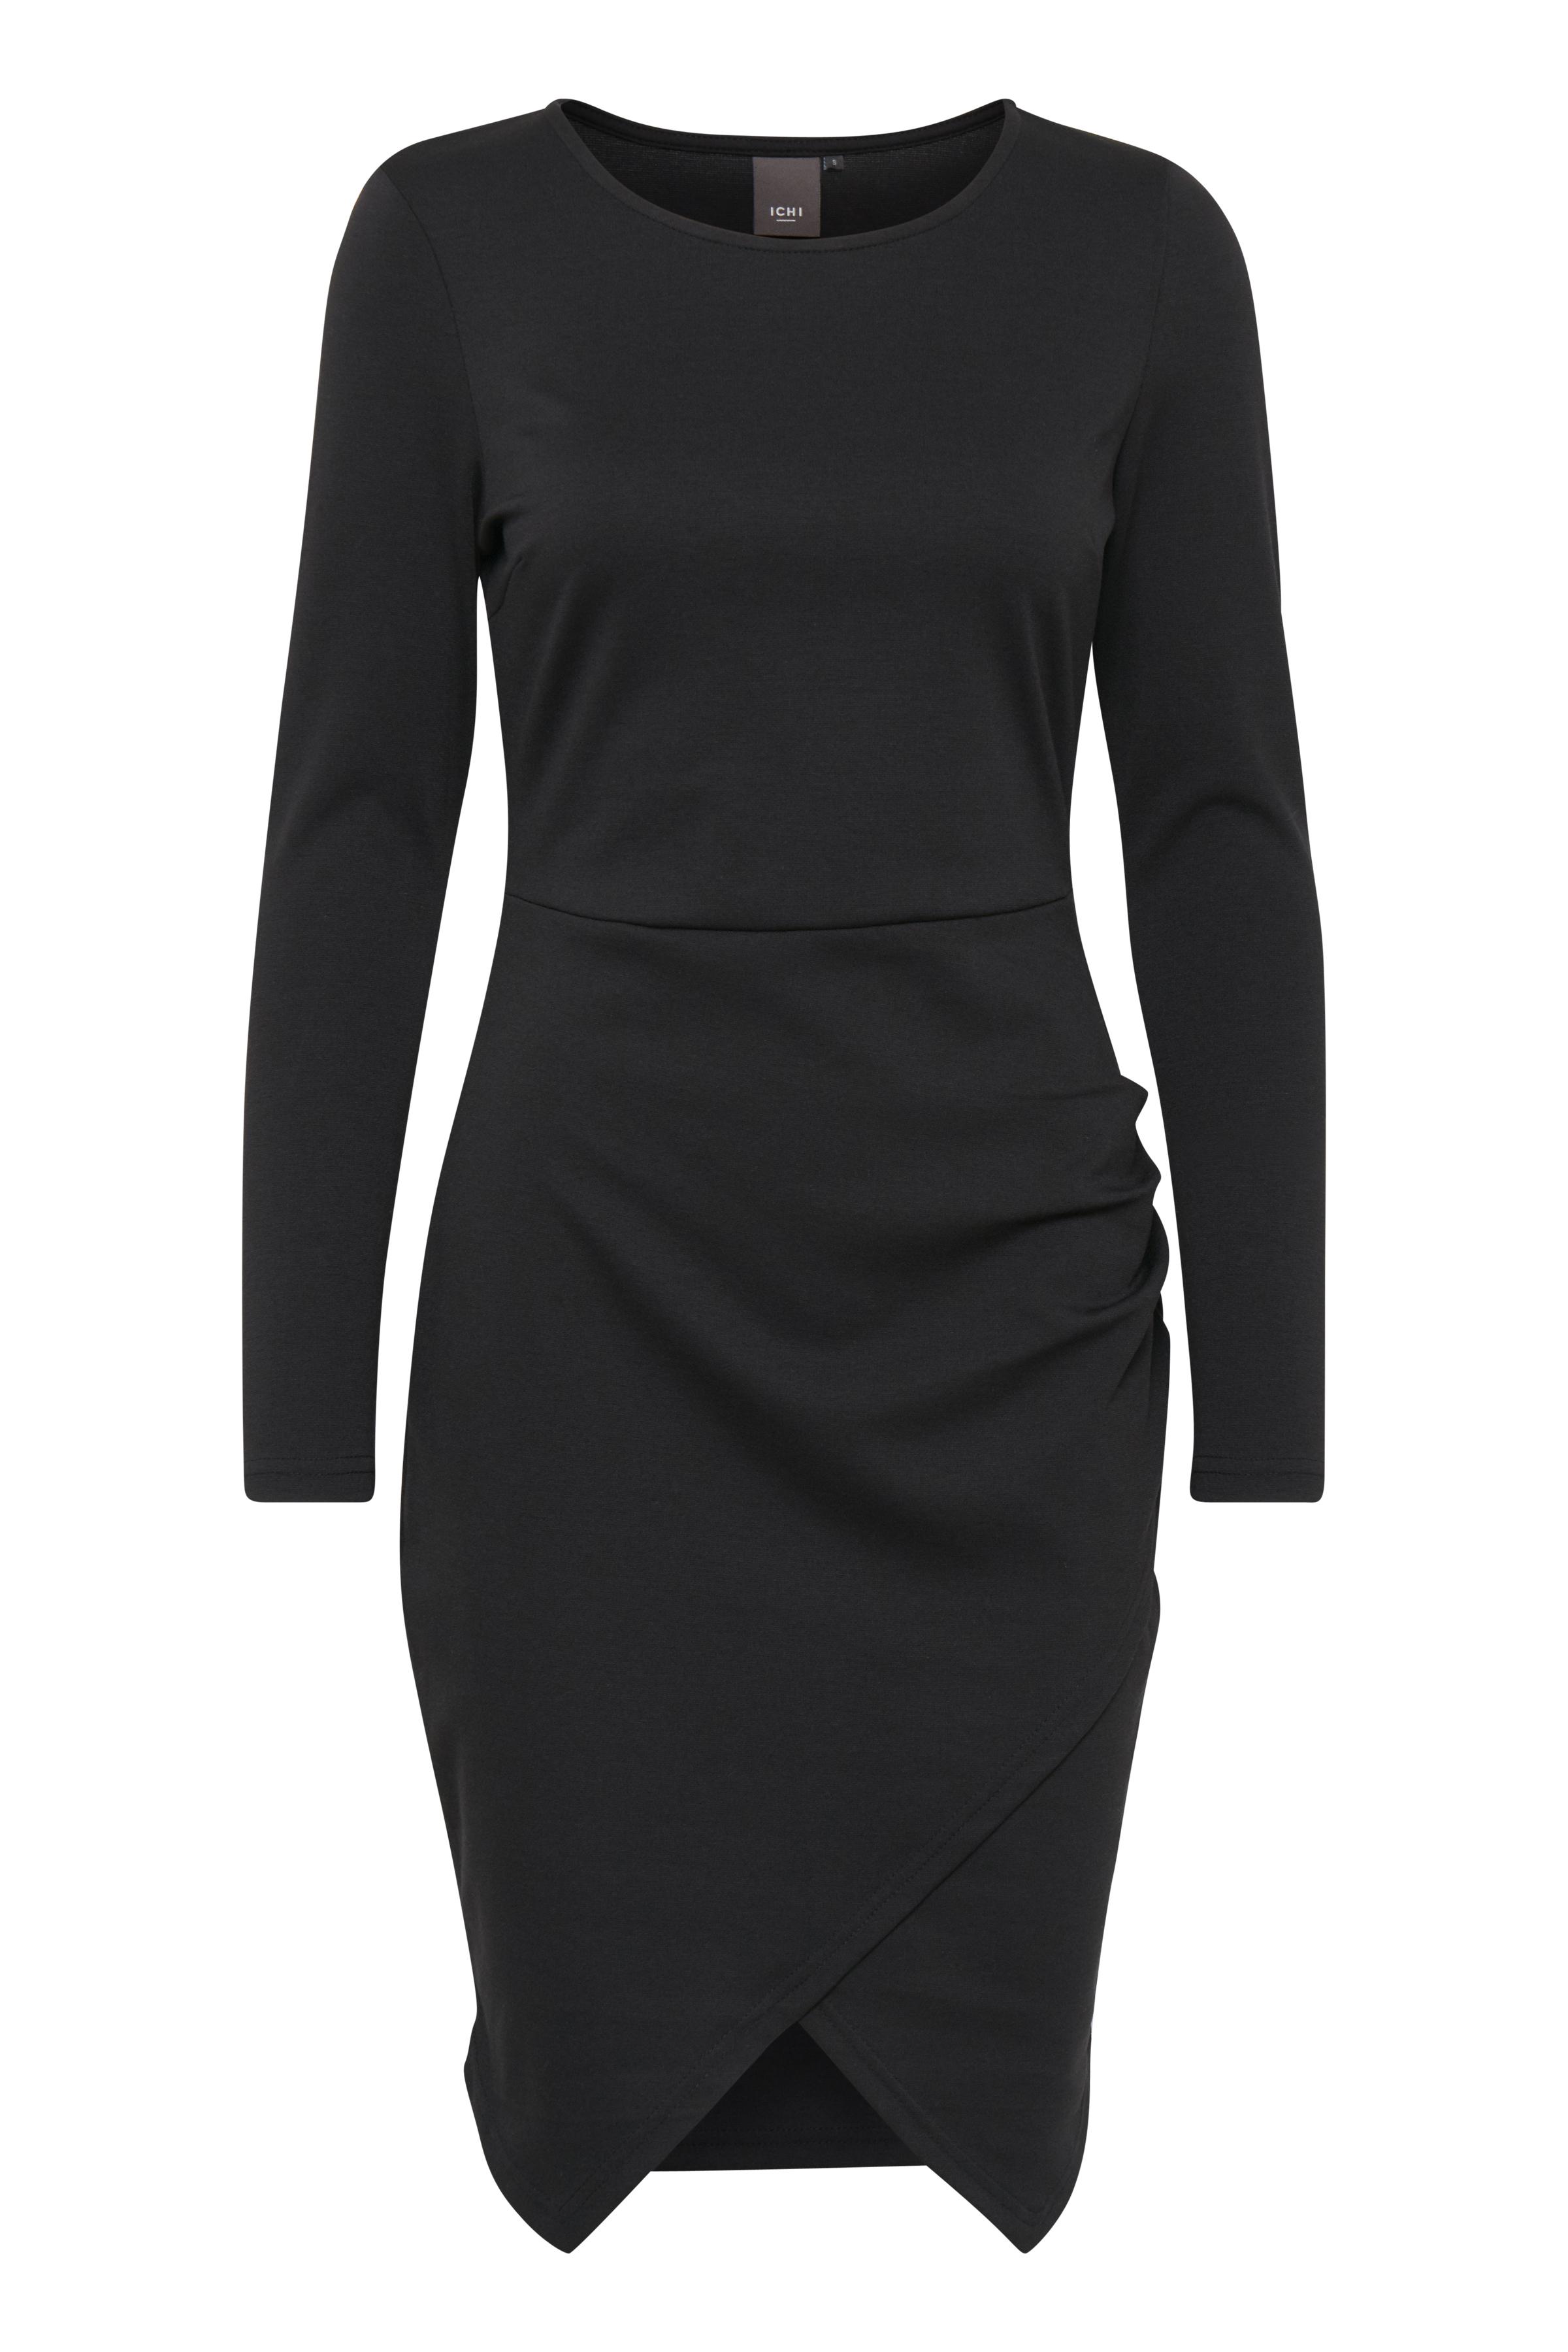 Black Jerseykjole – Køb Black Jerseykjole fra str. XS-L her